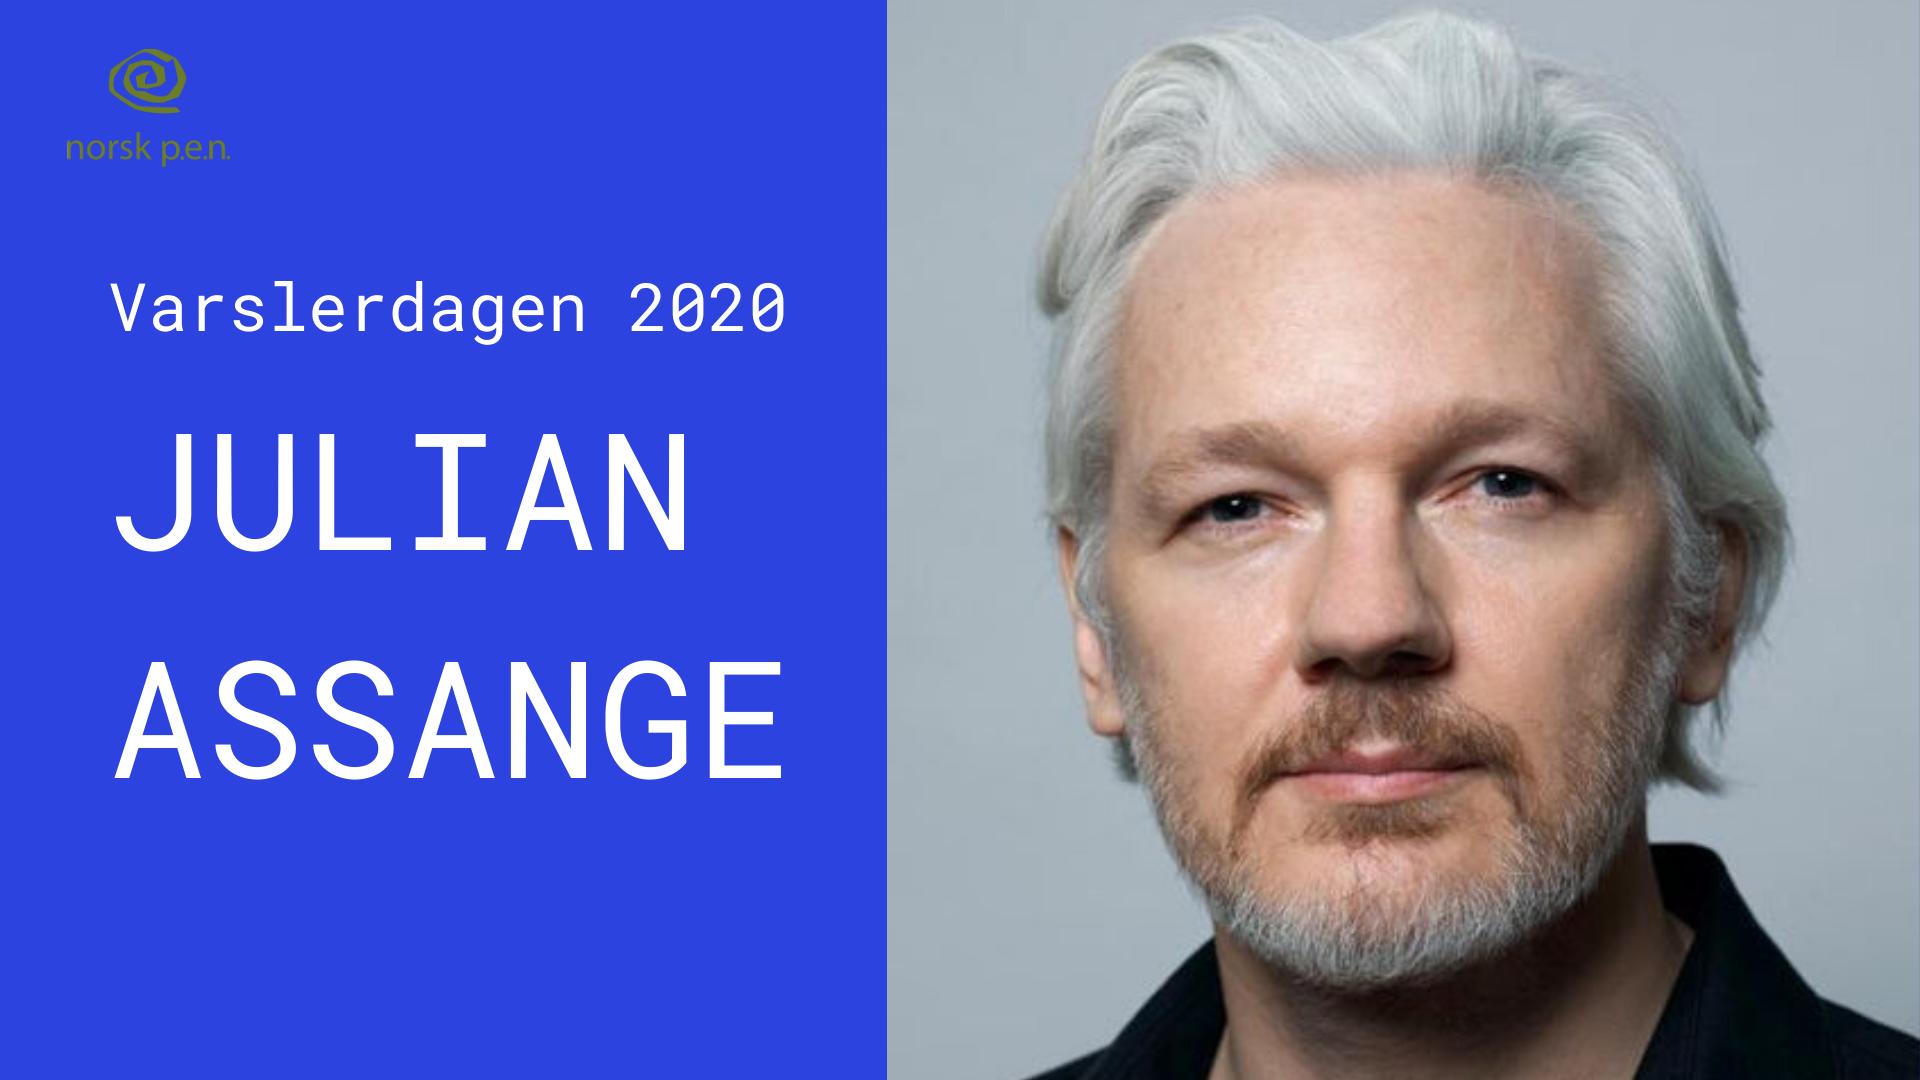 """Arrangementsbilde med teksten """"Varslerdagen 2020: Julian Assange"""" og et bilde av en hvithåret, hvit mann som ser i kamera (Julian Assange)."""